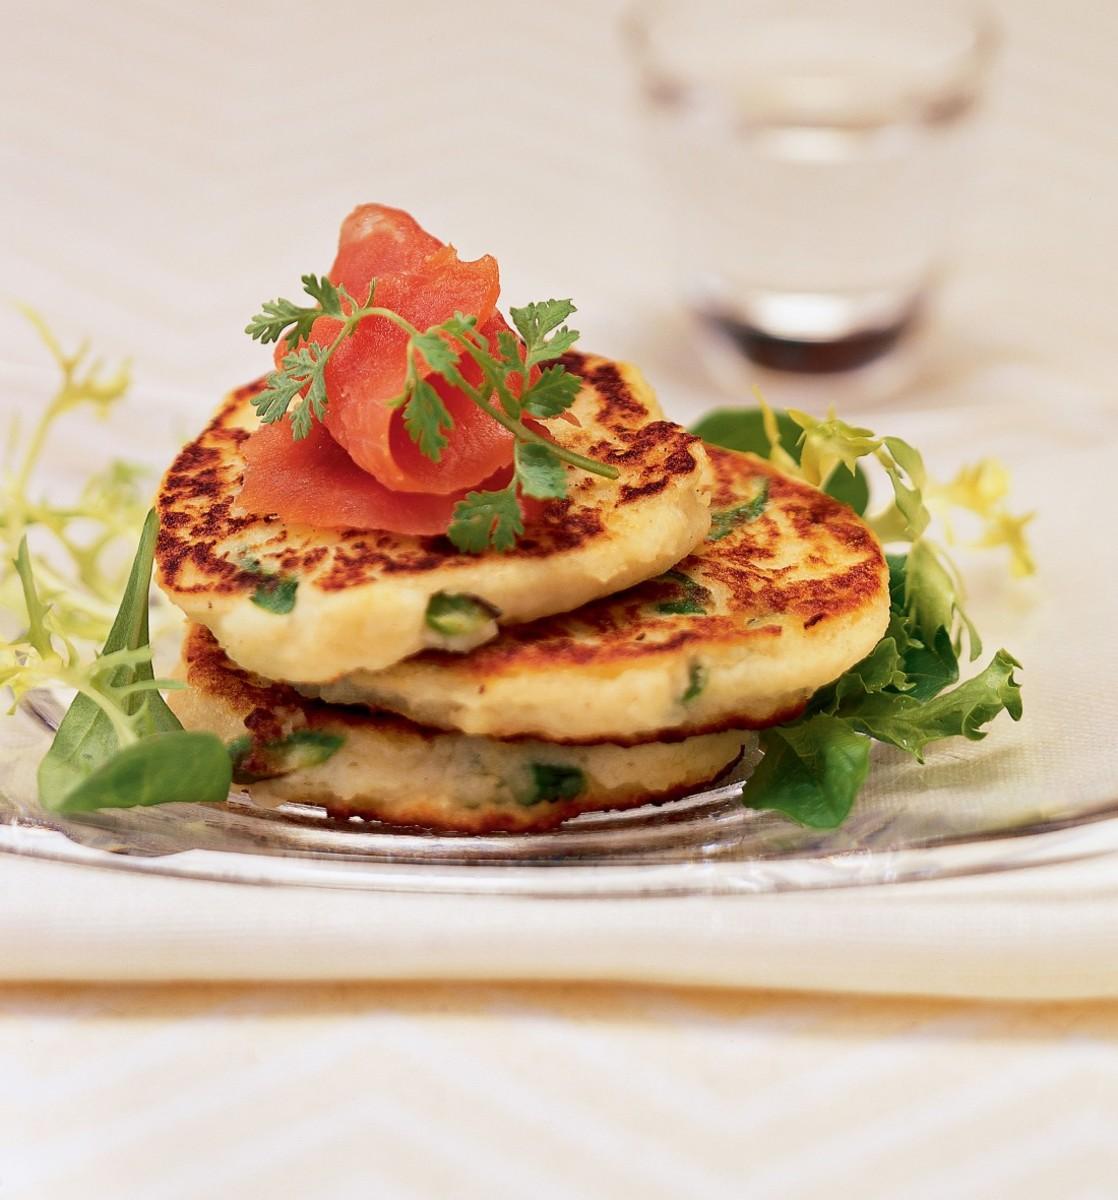 idaho potato and asparagus pancakes